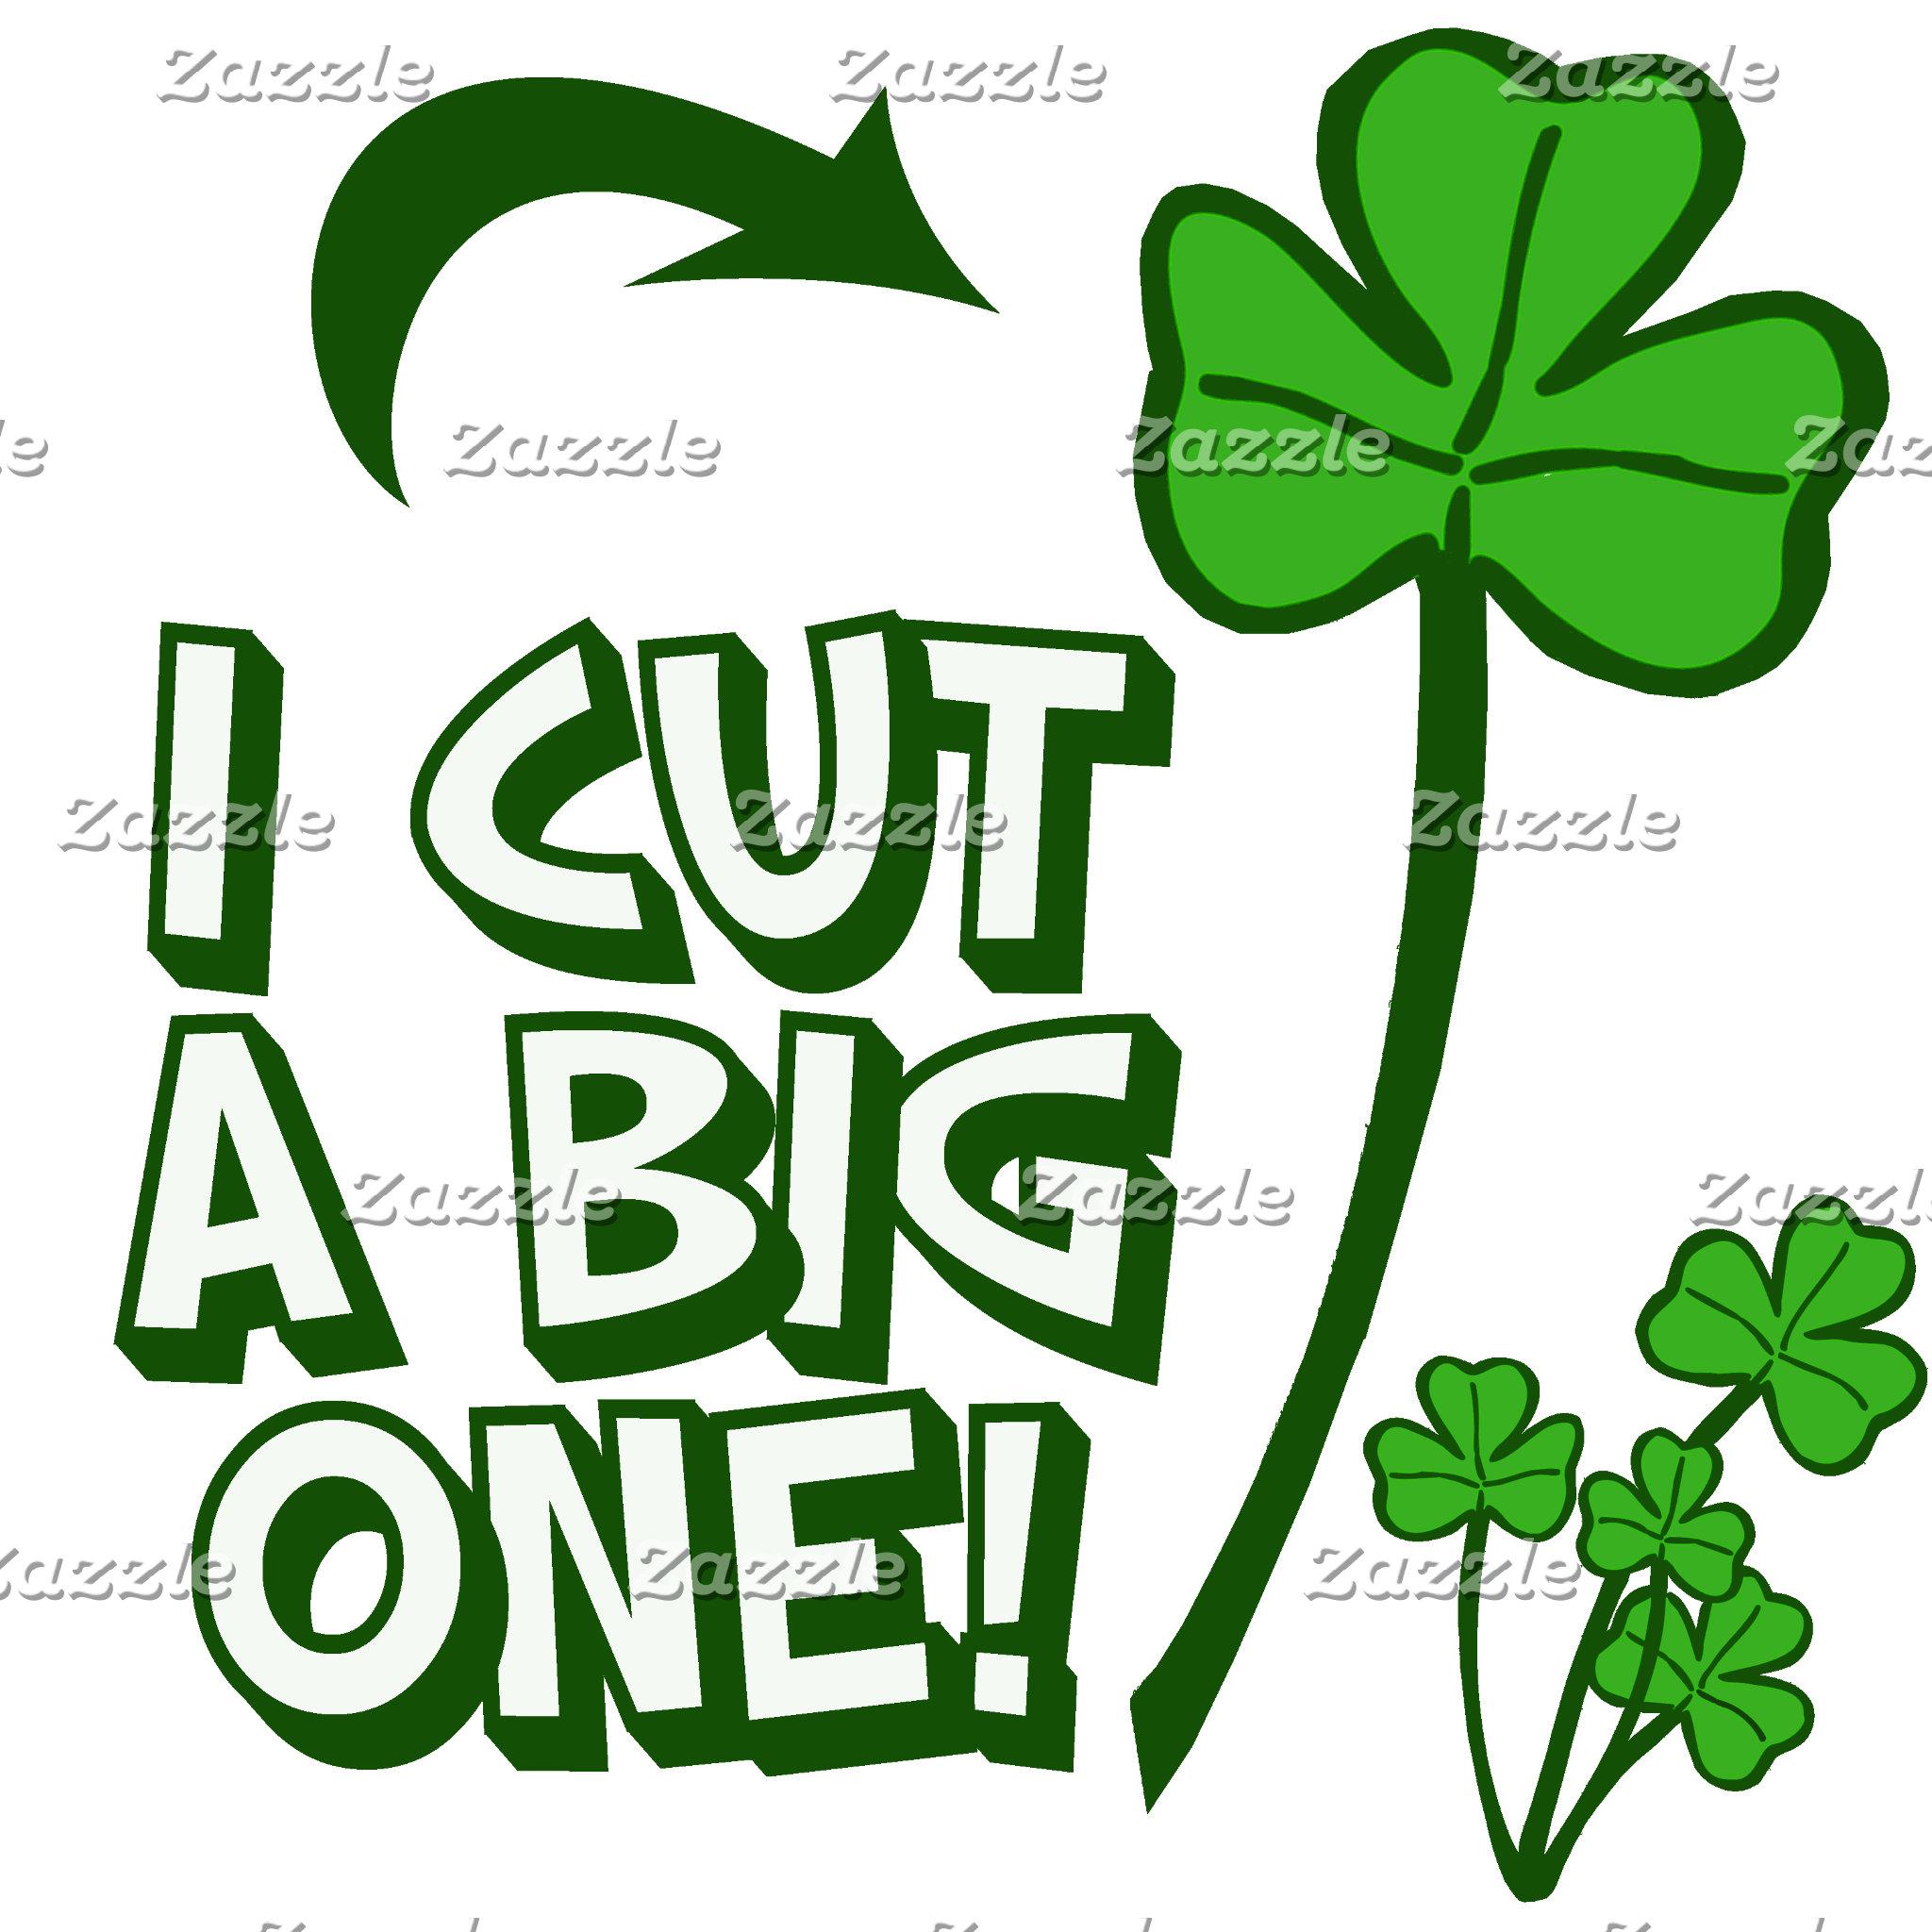 I Cut A BIG One!